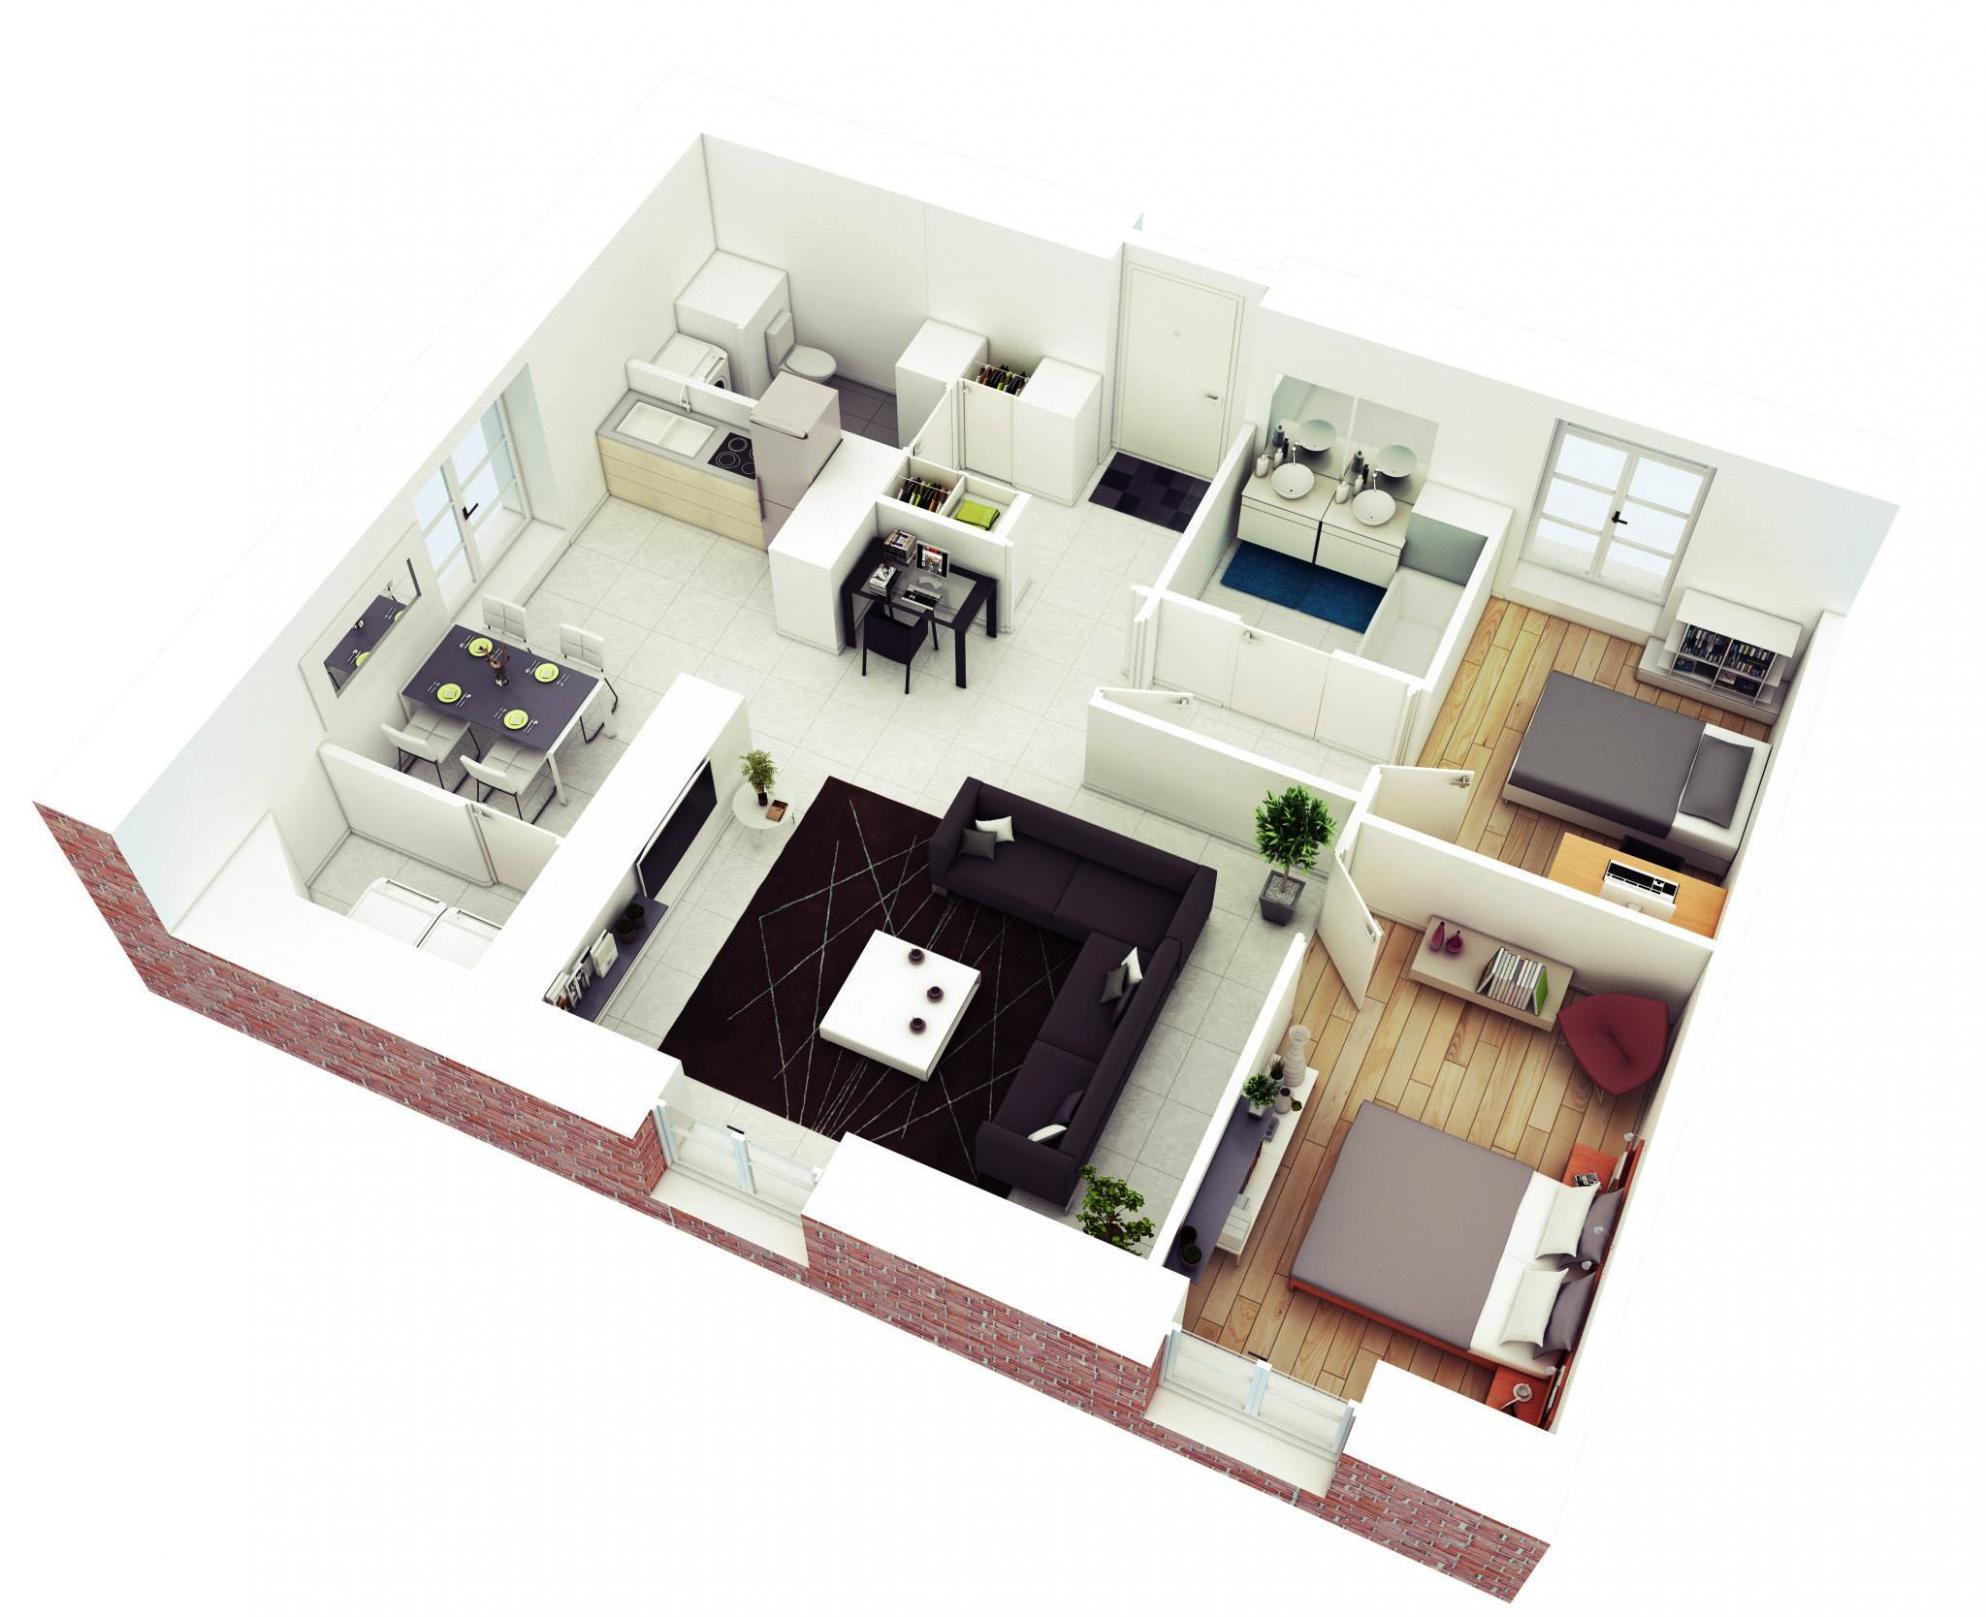 7 More 7 Bedroom 7d Floor Plans Bedroom House Plans 7 2 Bedroom House Floor Plan Design 3d In 2020 Simple House Plans House Floor Plans Home Design Floor Plans